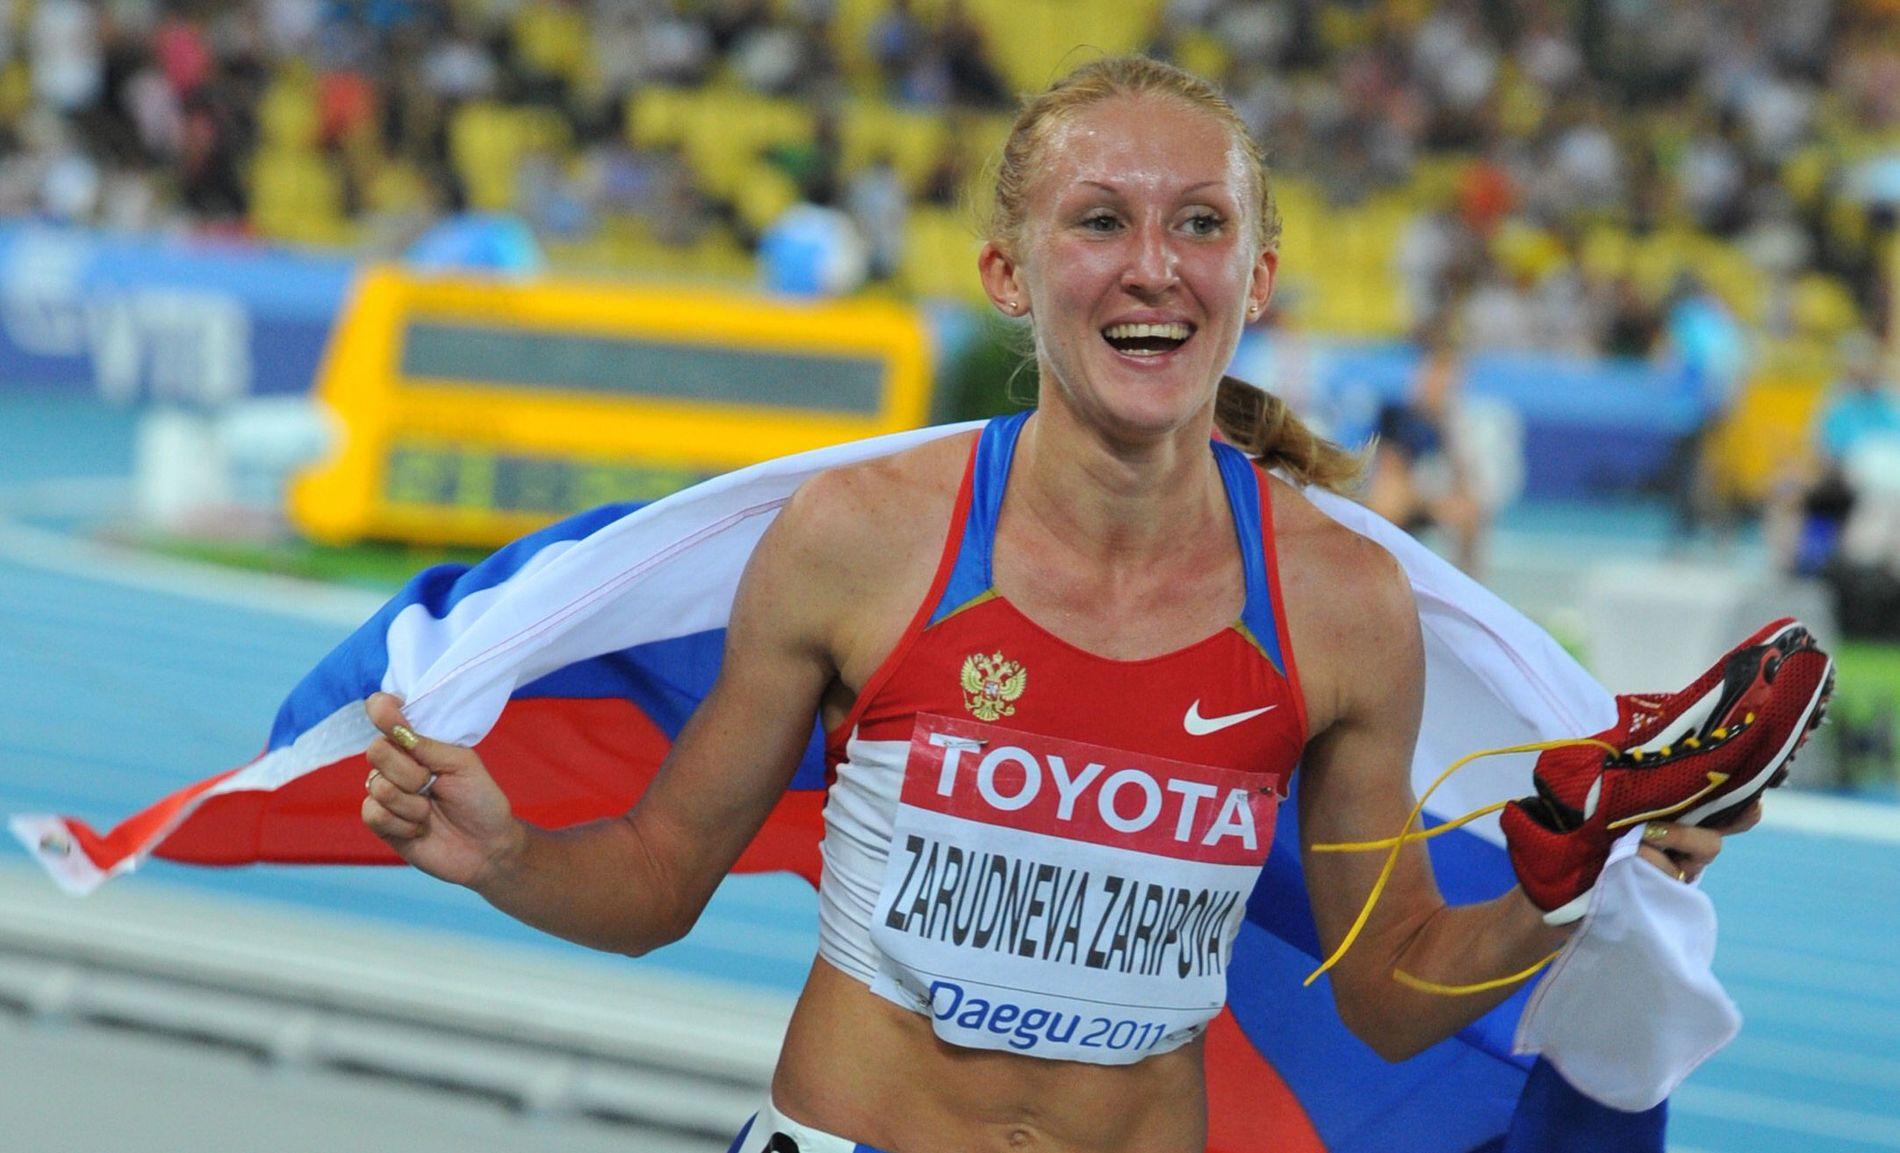 AVSLØRT: Gullvinneren på 3000 meter hinder i London-OL, Julia Zaripova, er blant de mange russiske utøverne som er avslørt når IOC har testet på nytt dopingprøver fra lekene i 2008 og 2012.